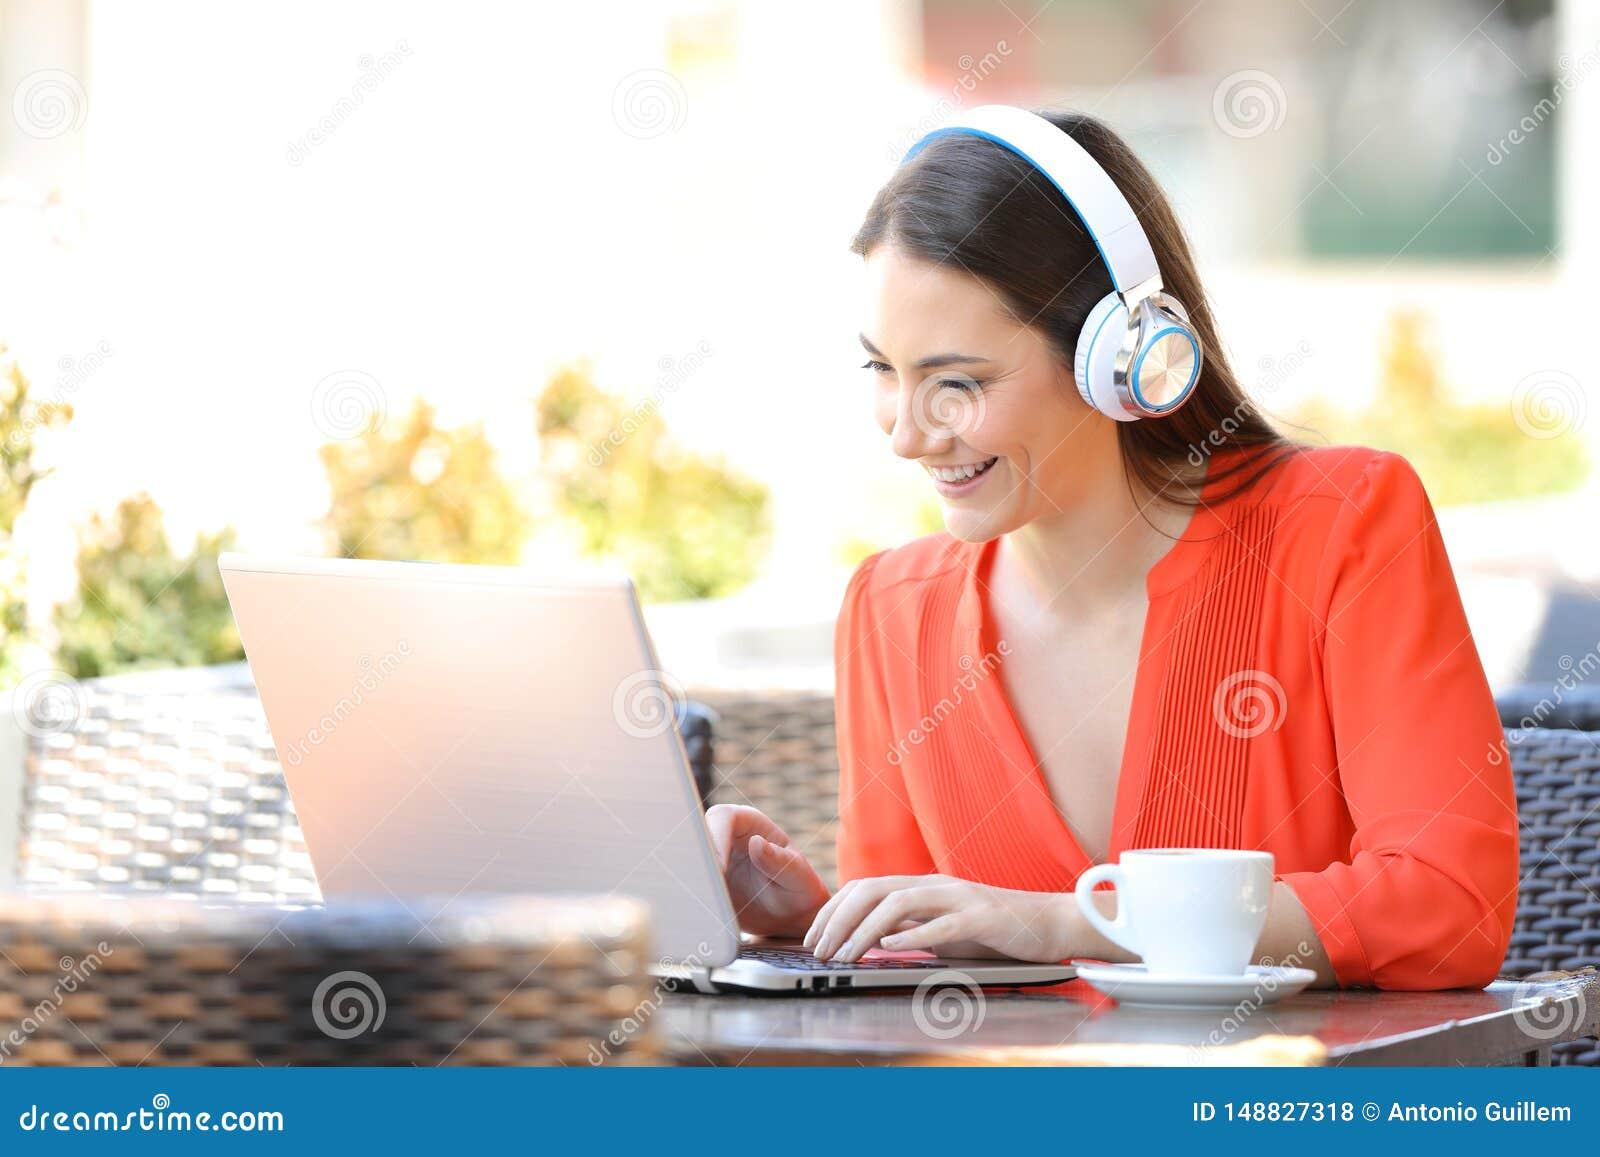 Fille heureuse avec des ?couteurs utilisant un ordinateur portable dans un caf?